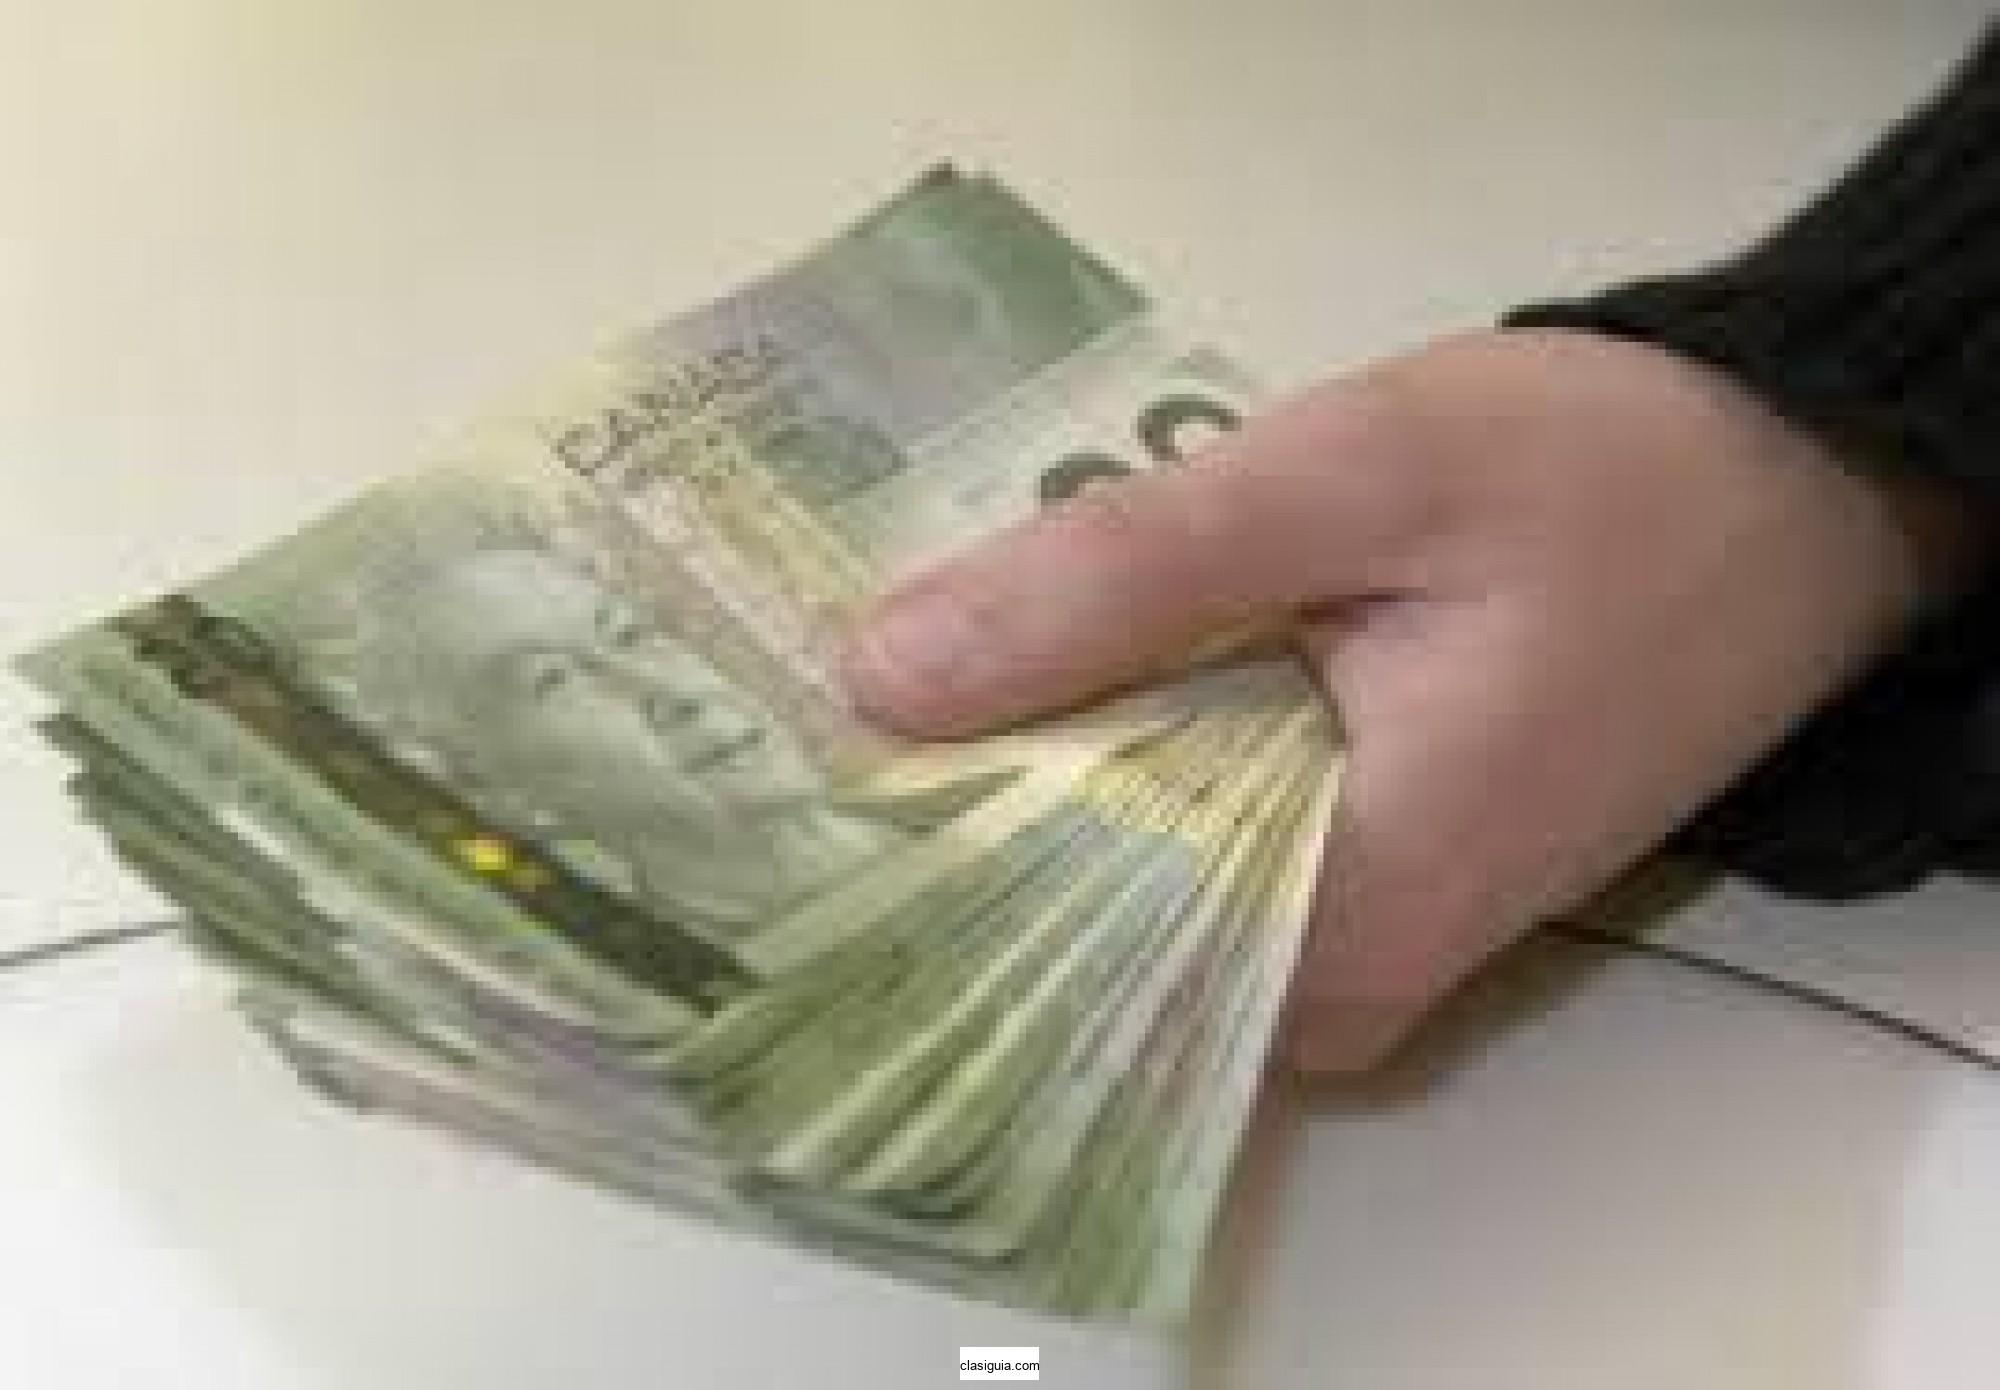 Oferta de préstamo, financiación o inversión